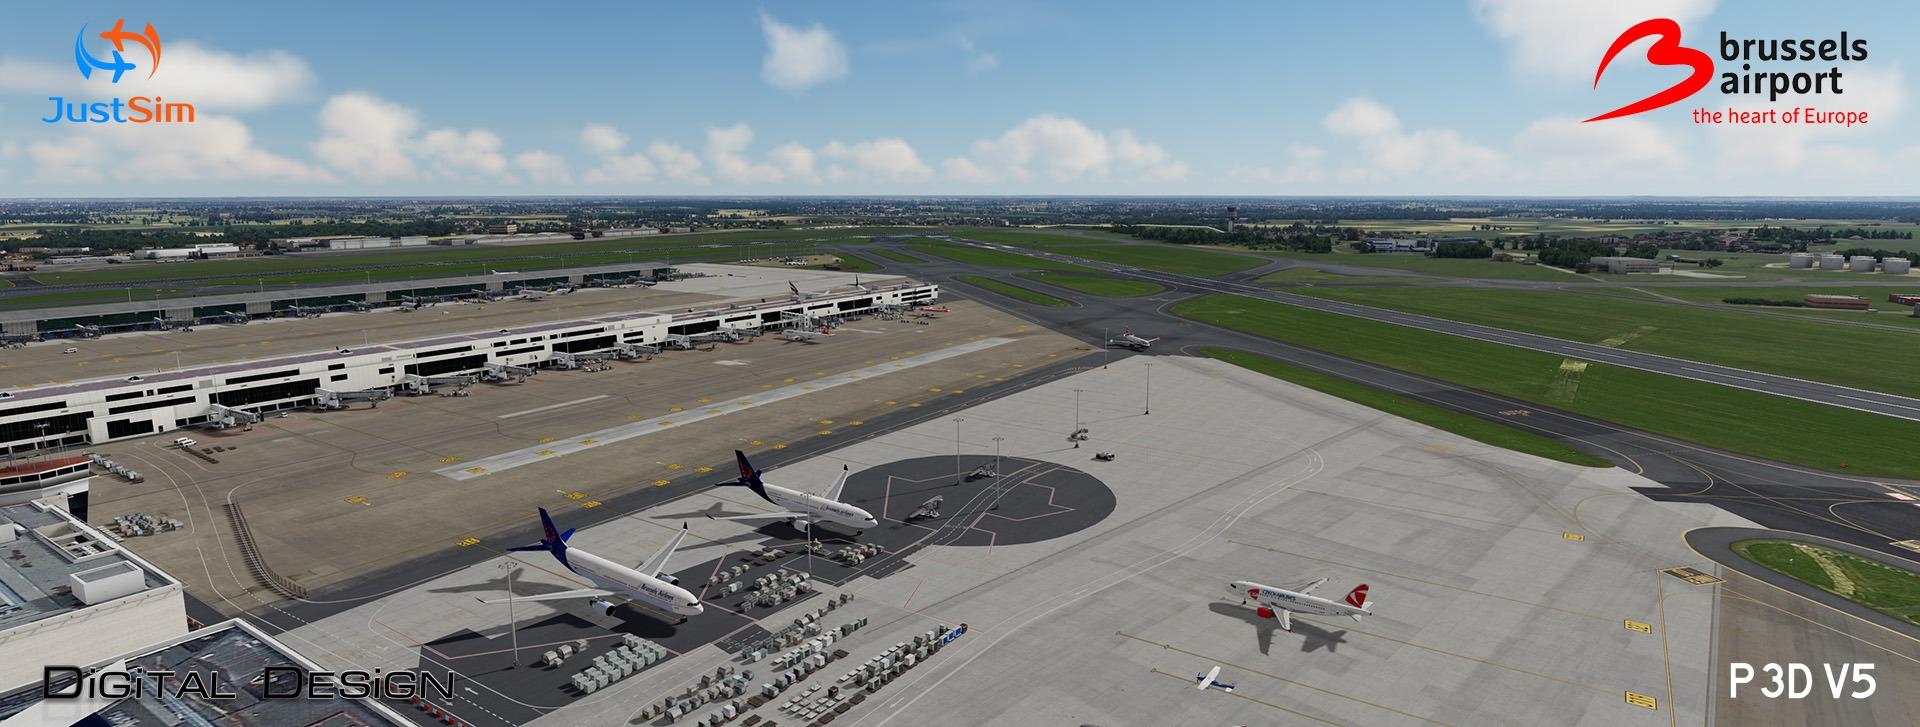 justsim-brussels-2-1-6 JustSim Releases Brussels Airport v2.1 for Prepar3D v5